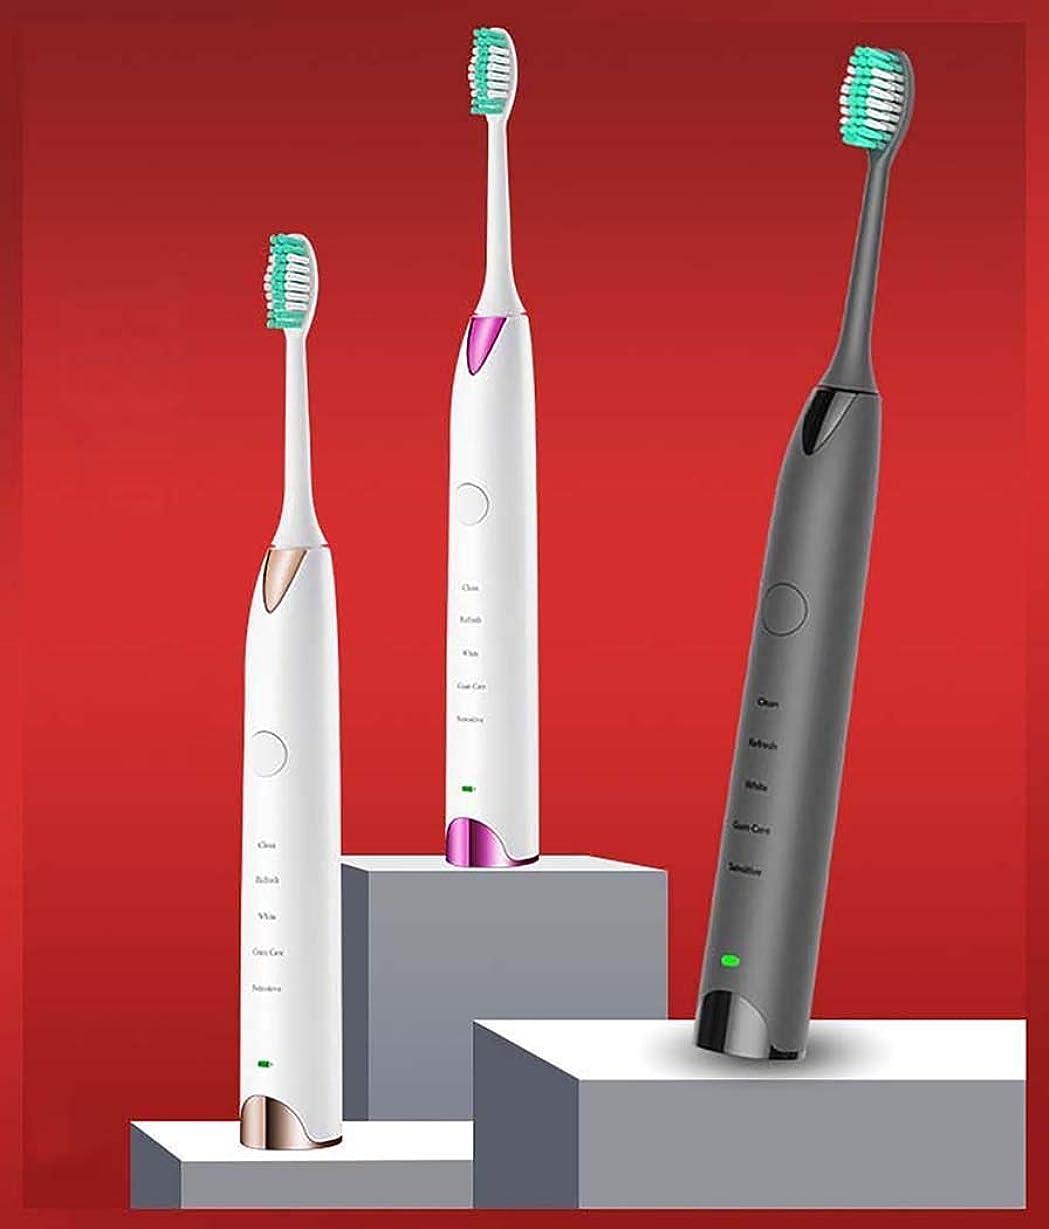 オーナメントクリケットウィスキー電動歯ブラシ、ミュート防水電動歯ブラシ、充電式自動歯ブラシ、インテリジェントタイミングチェンジエリアリマインド、USB充電方法(カラー:ピンク)